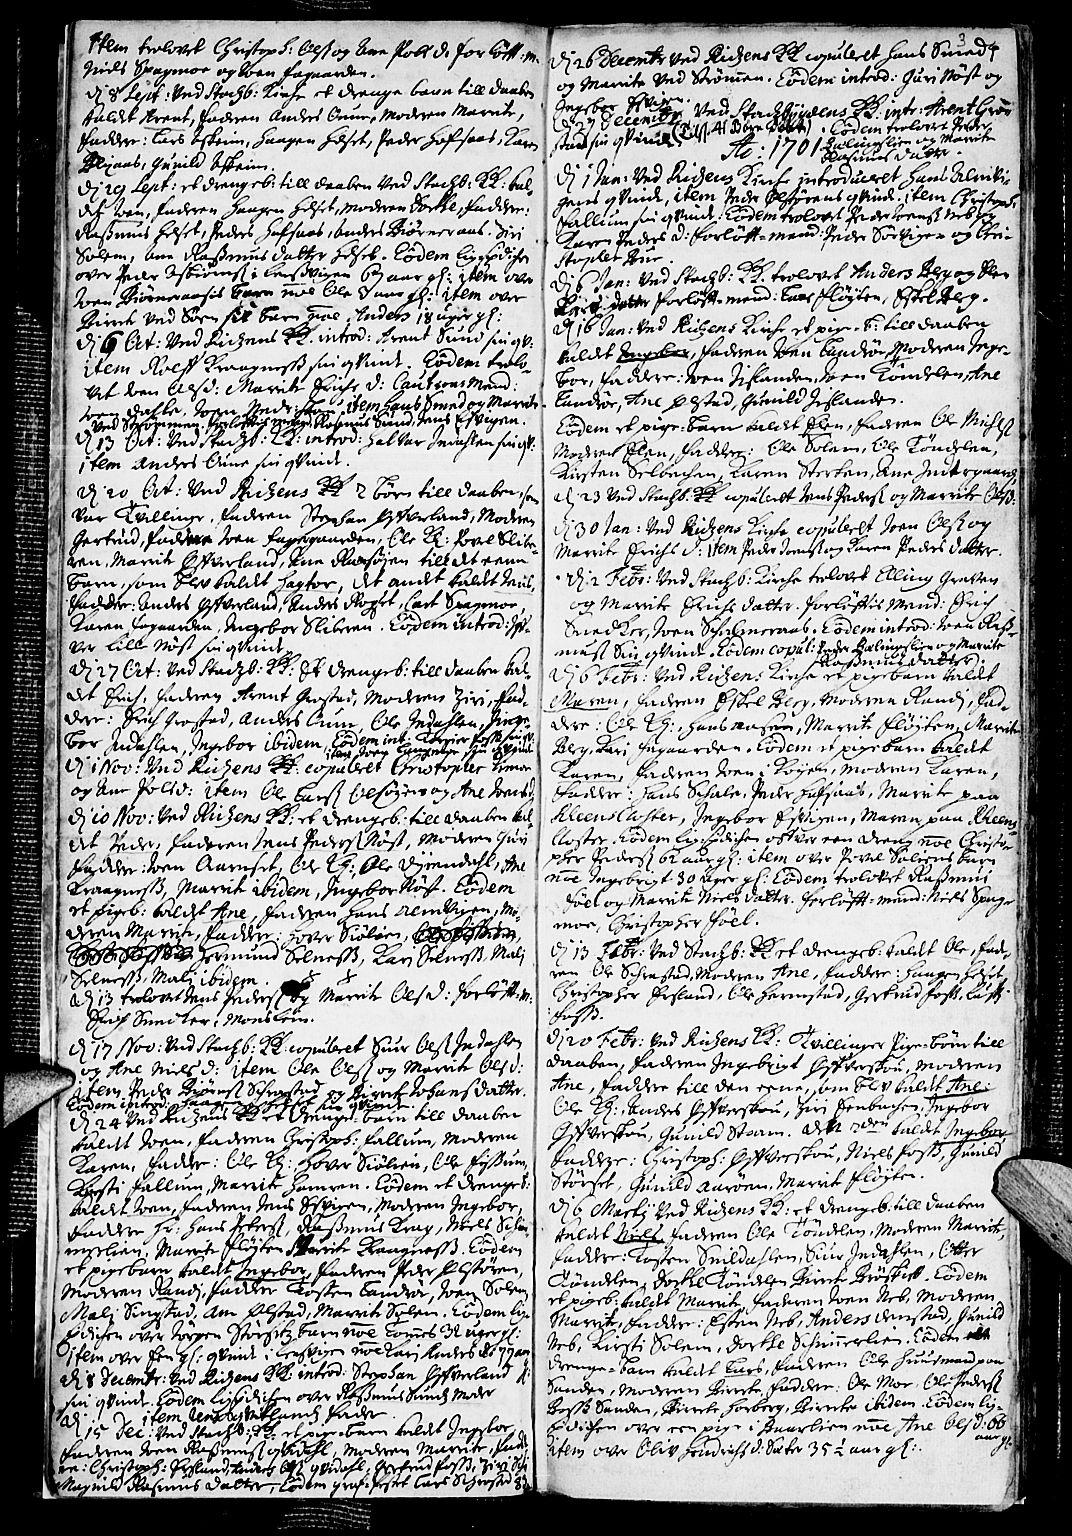 SAT, Ministerialprotokoller, klokkerbøker og fødselsregistre - Sør-Trøndelag, 646/L0603: Ministerialbok nr. 646A01, 1700-1734, s. 3